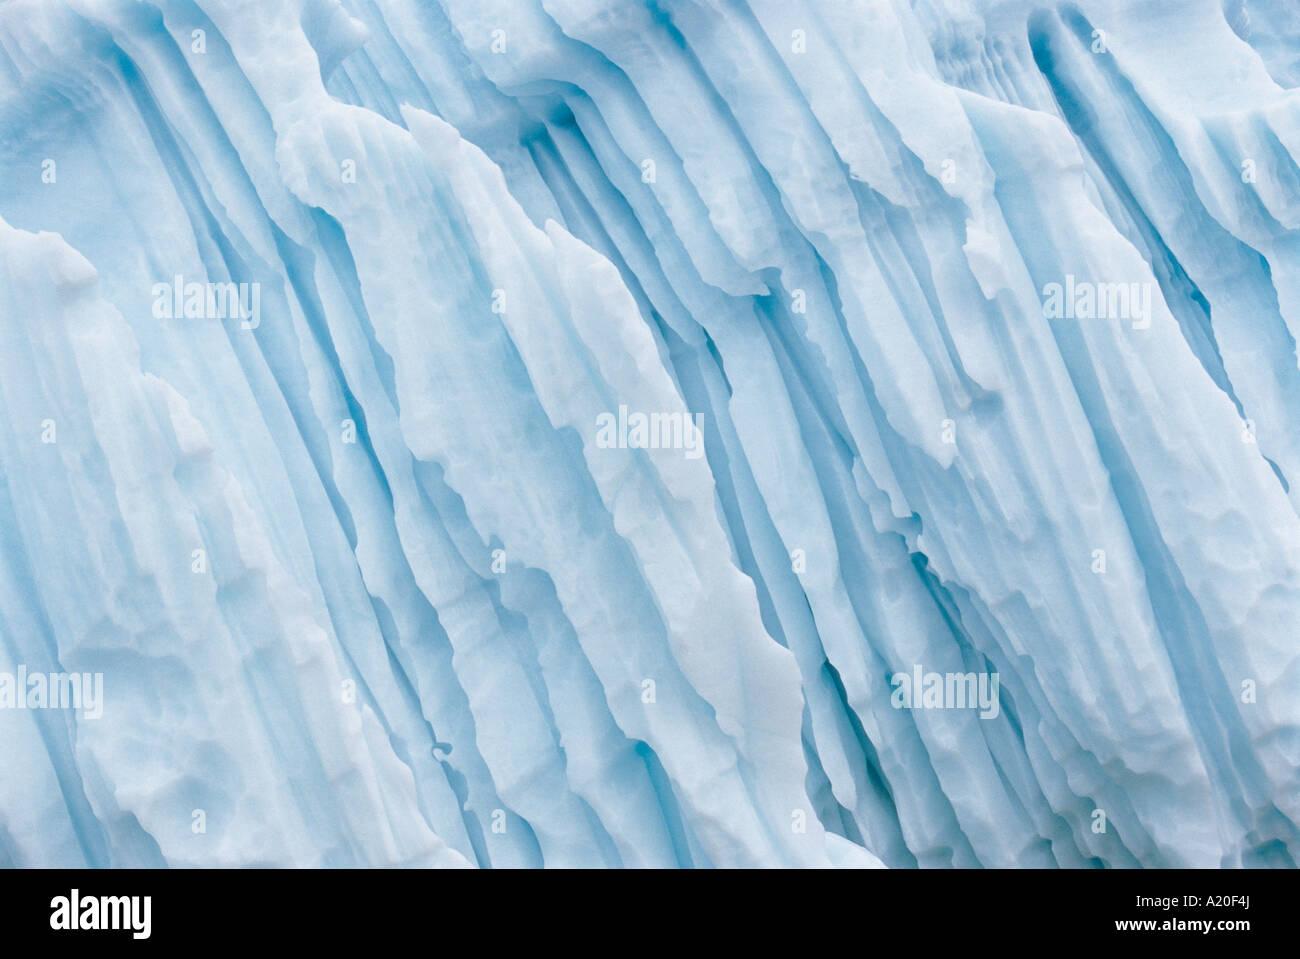 Formación de hielo Imagen De Stock